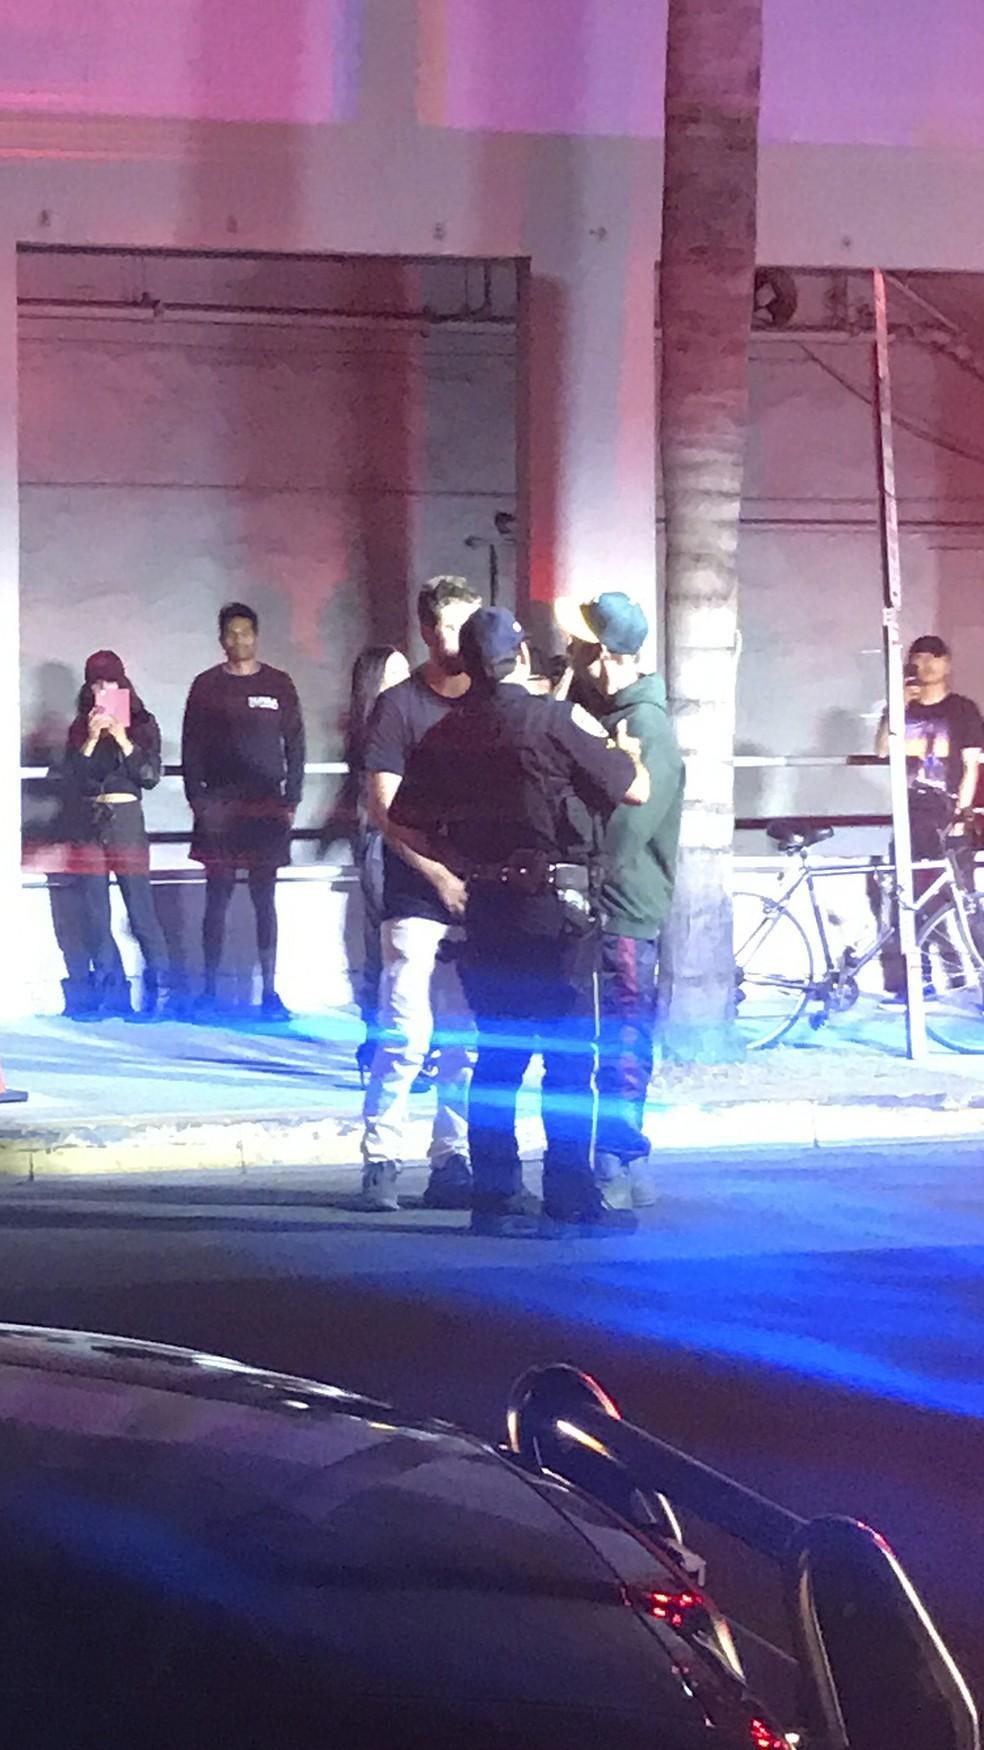 Justin Bieber conversa com policiais após acidente (Foto: ASSOCIATED PRESSAP)